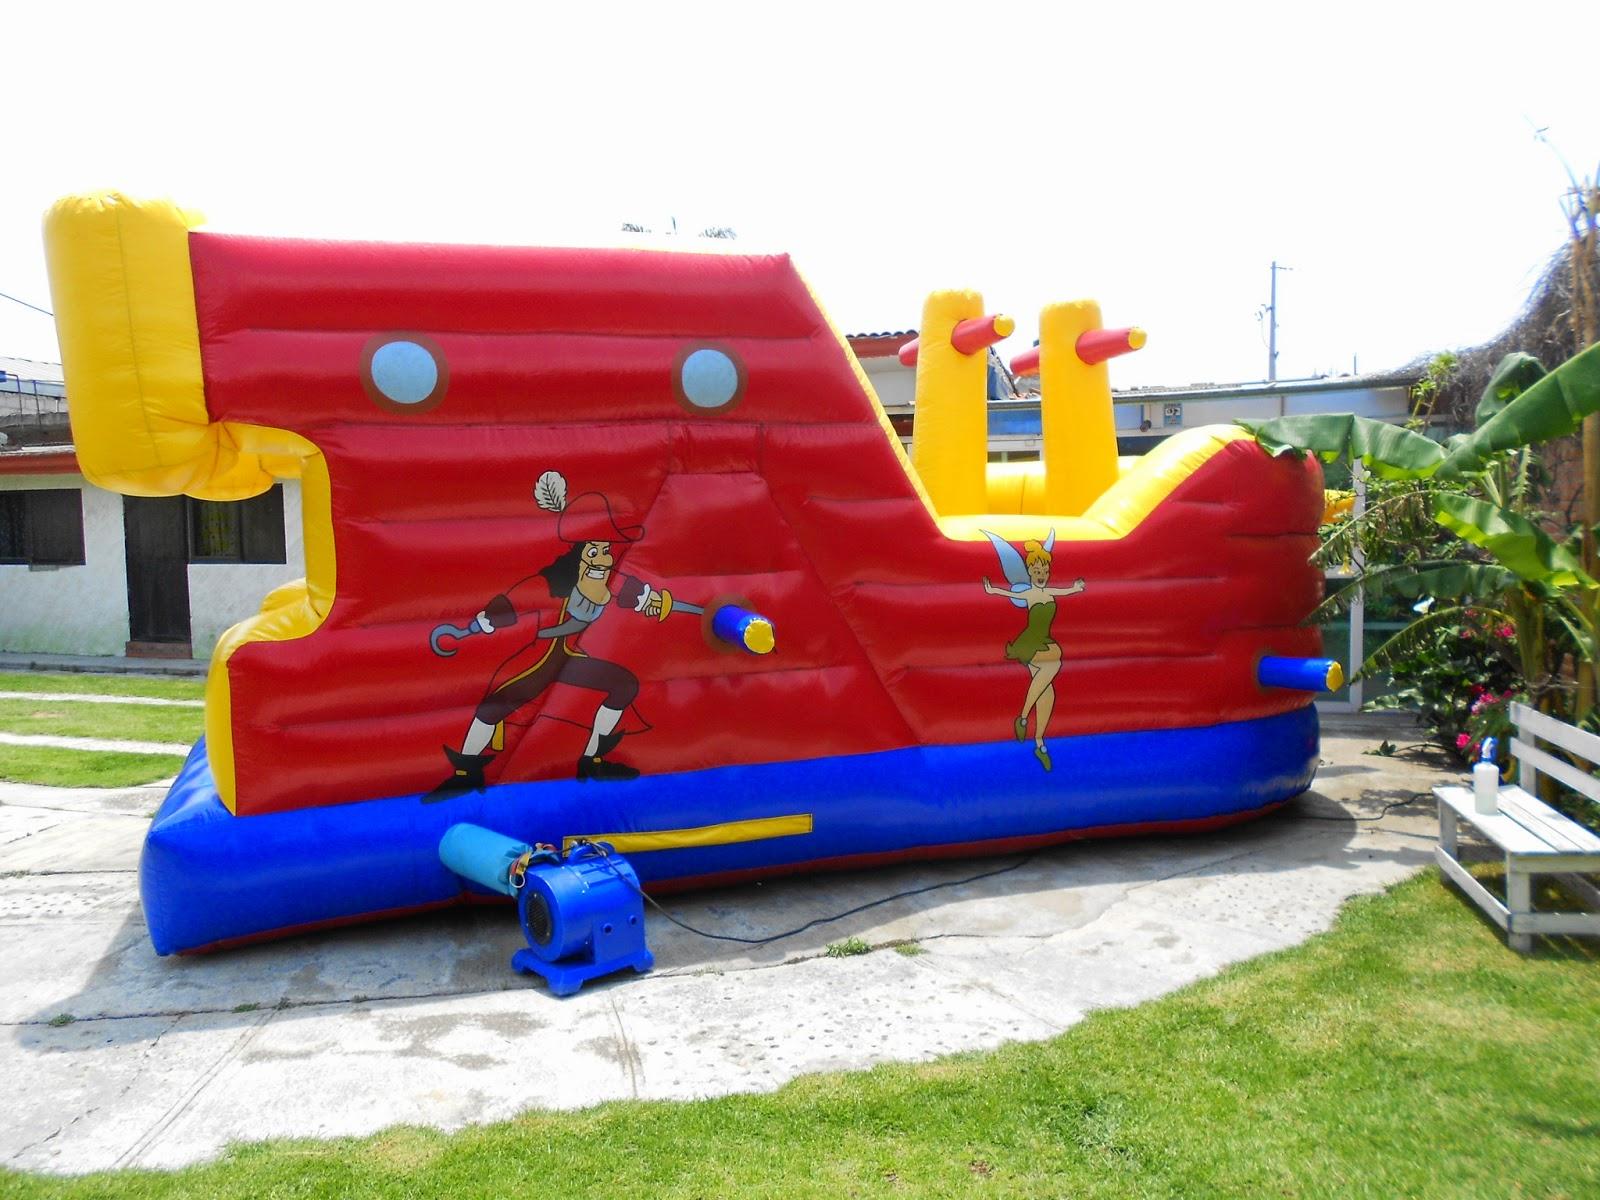 Renta de inflables infantiles en puebla juegos inflables en puebla for Juegos de jardin para nios en puebla